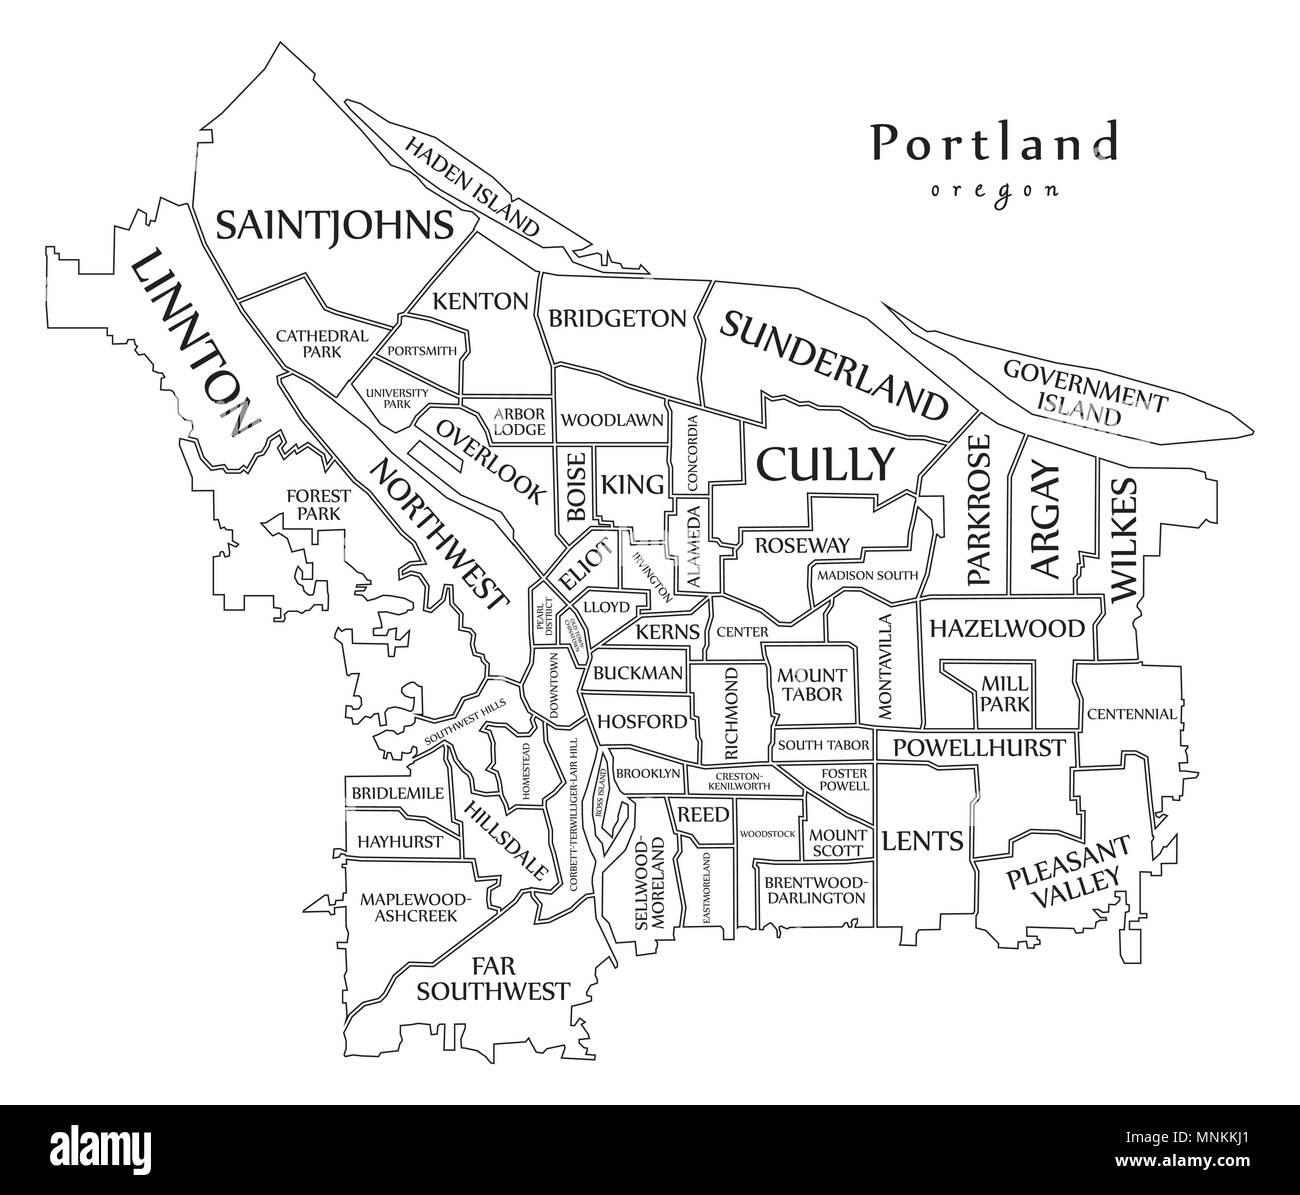 Portland Oregon Map Of Neighborhoods.Modern City Map Portland Oregon City Of The Usa With Neighborhoods